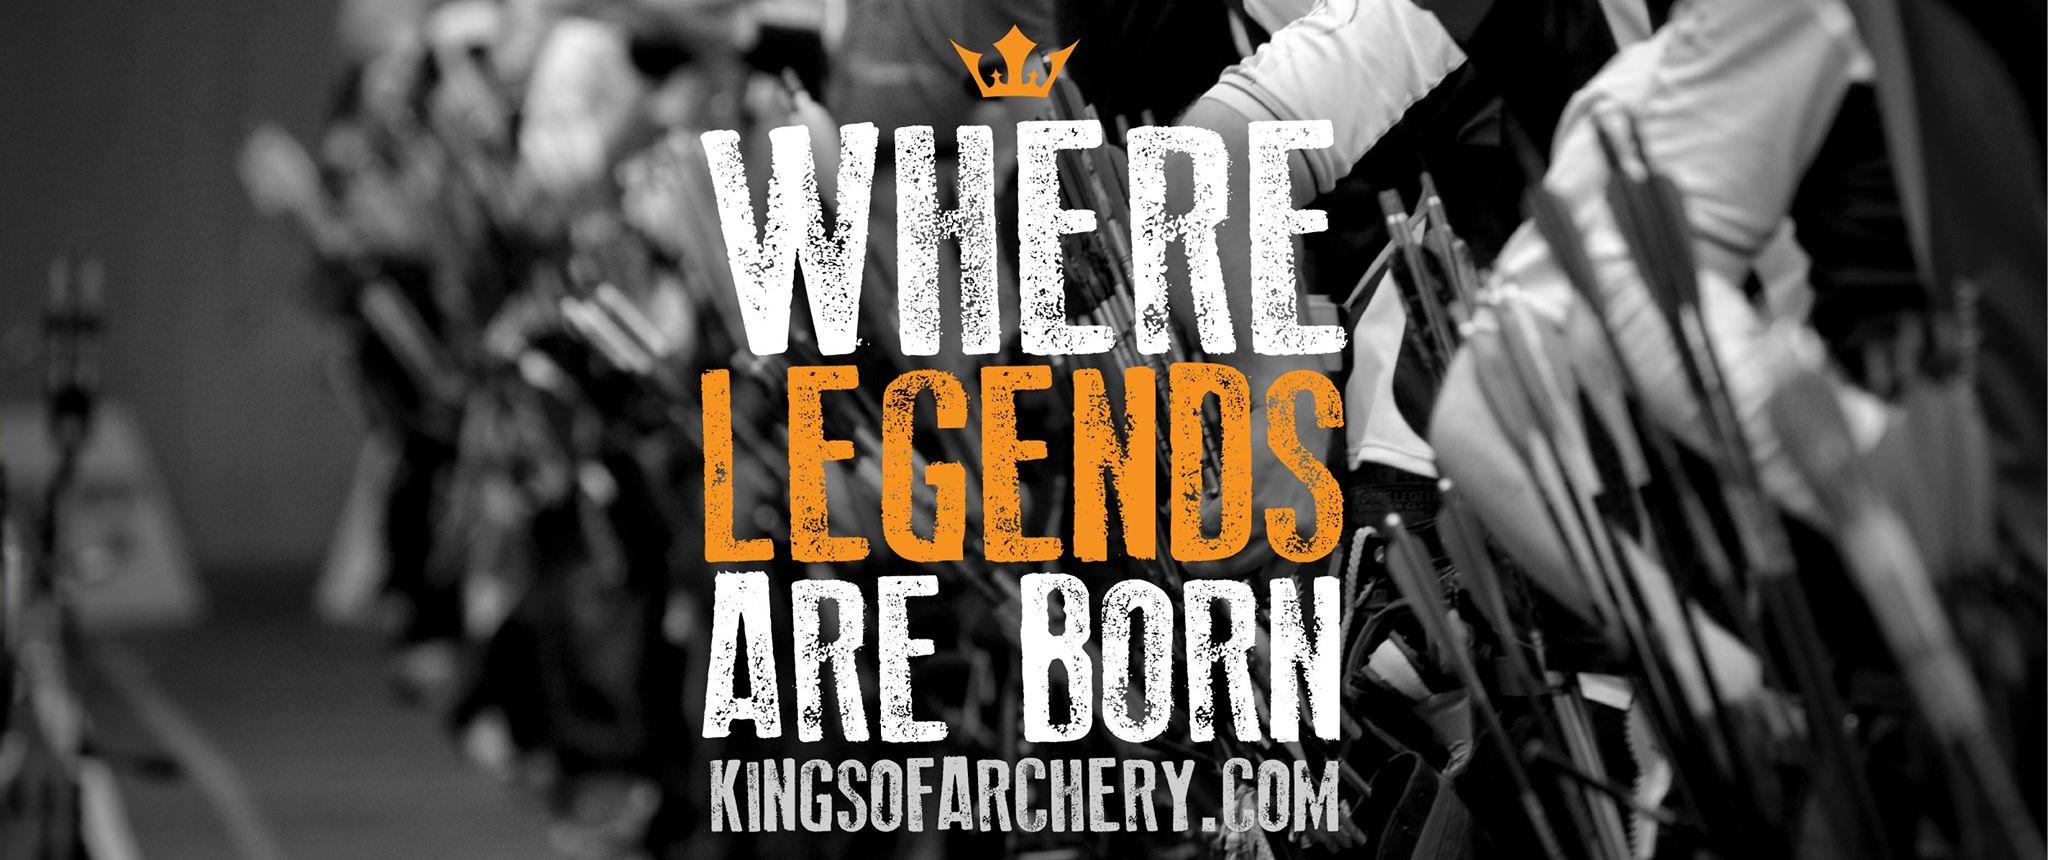 Kings-of-Archery-28-nov2015.jpg